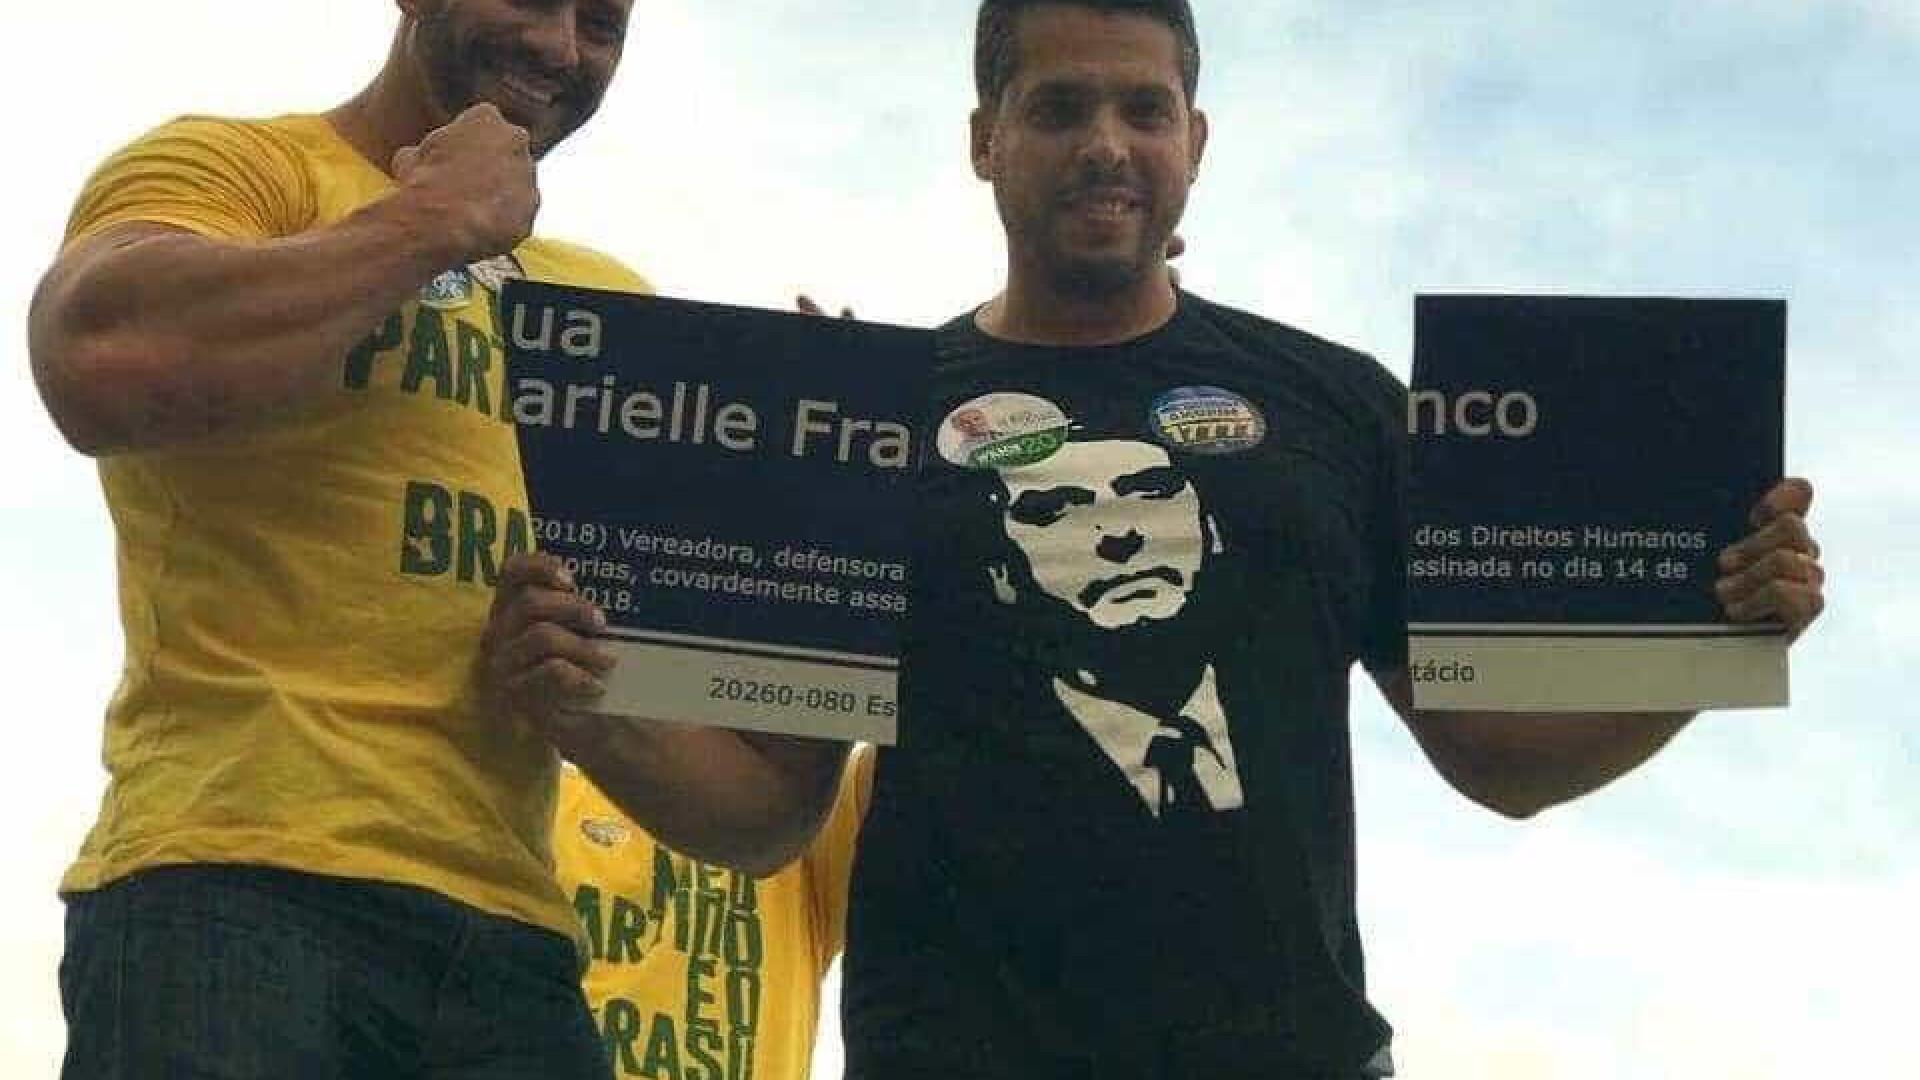 Apoiadores de Bolsonaro quebram homenagem feita a Marielle Franco